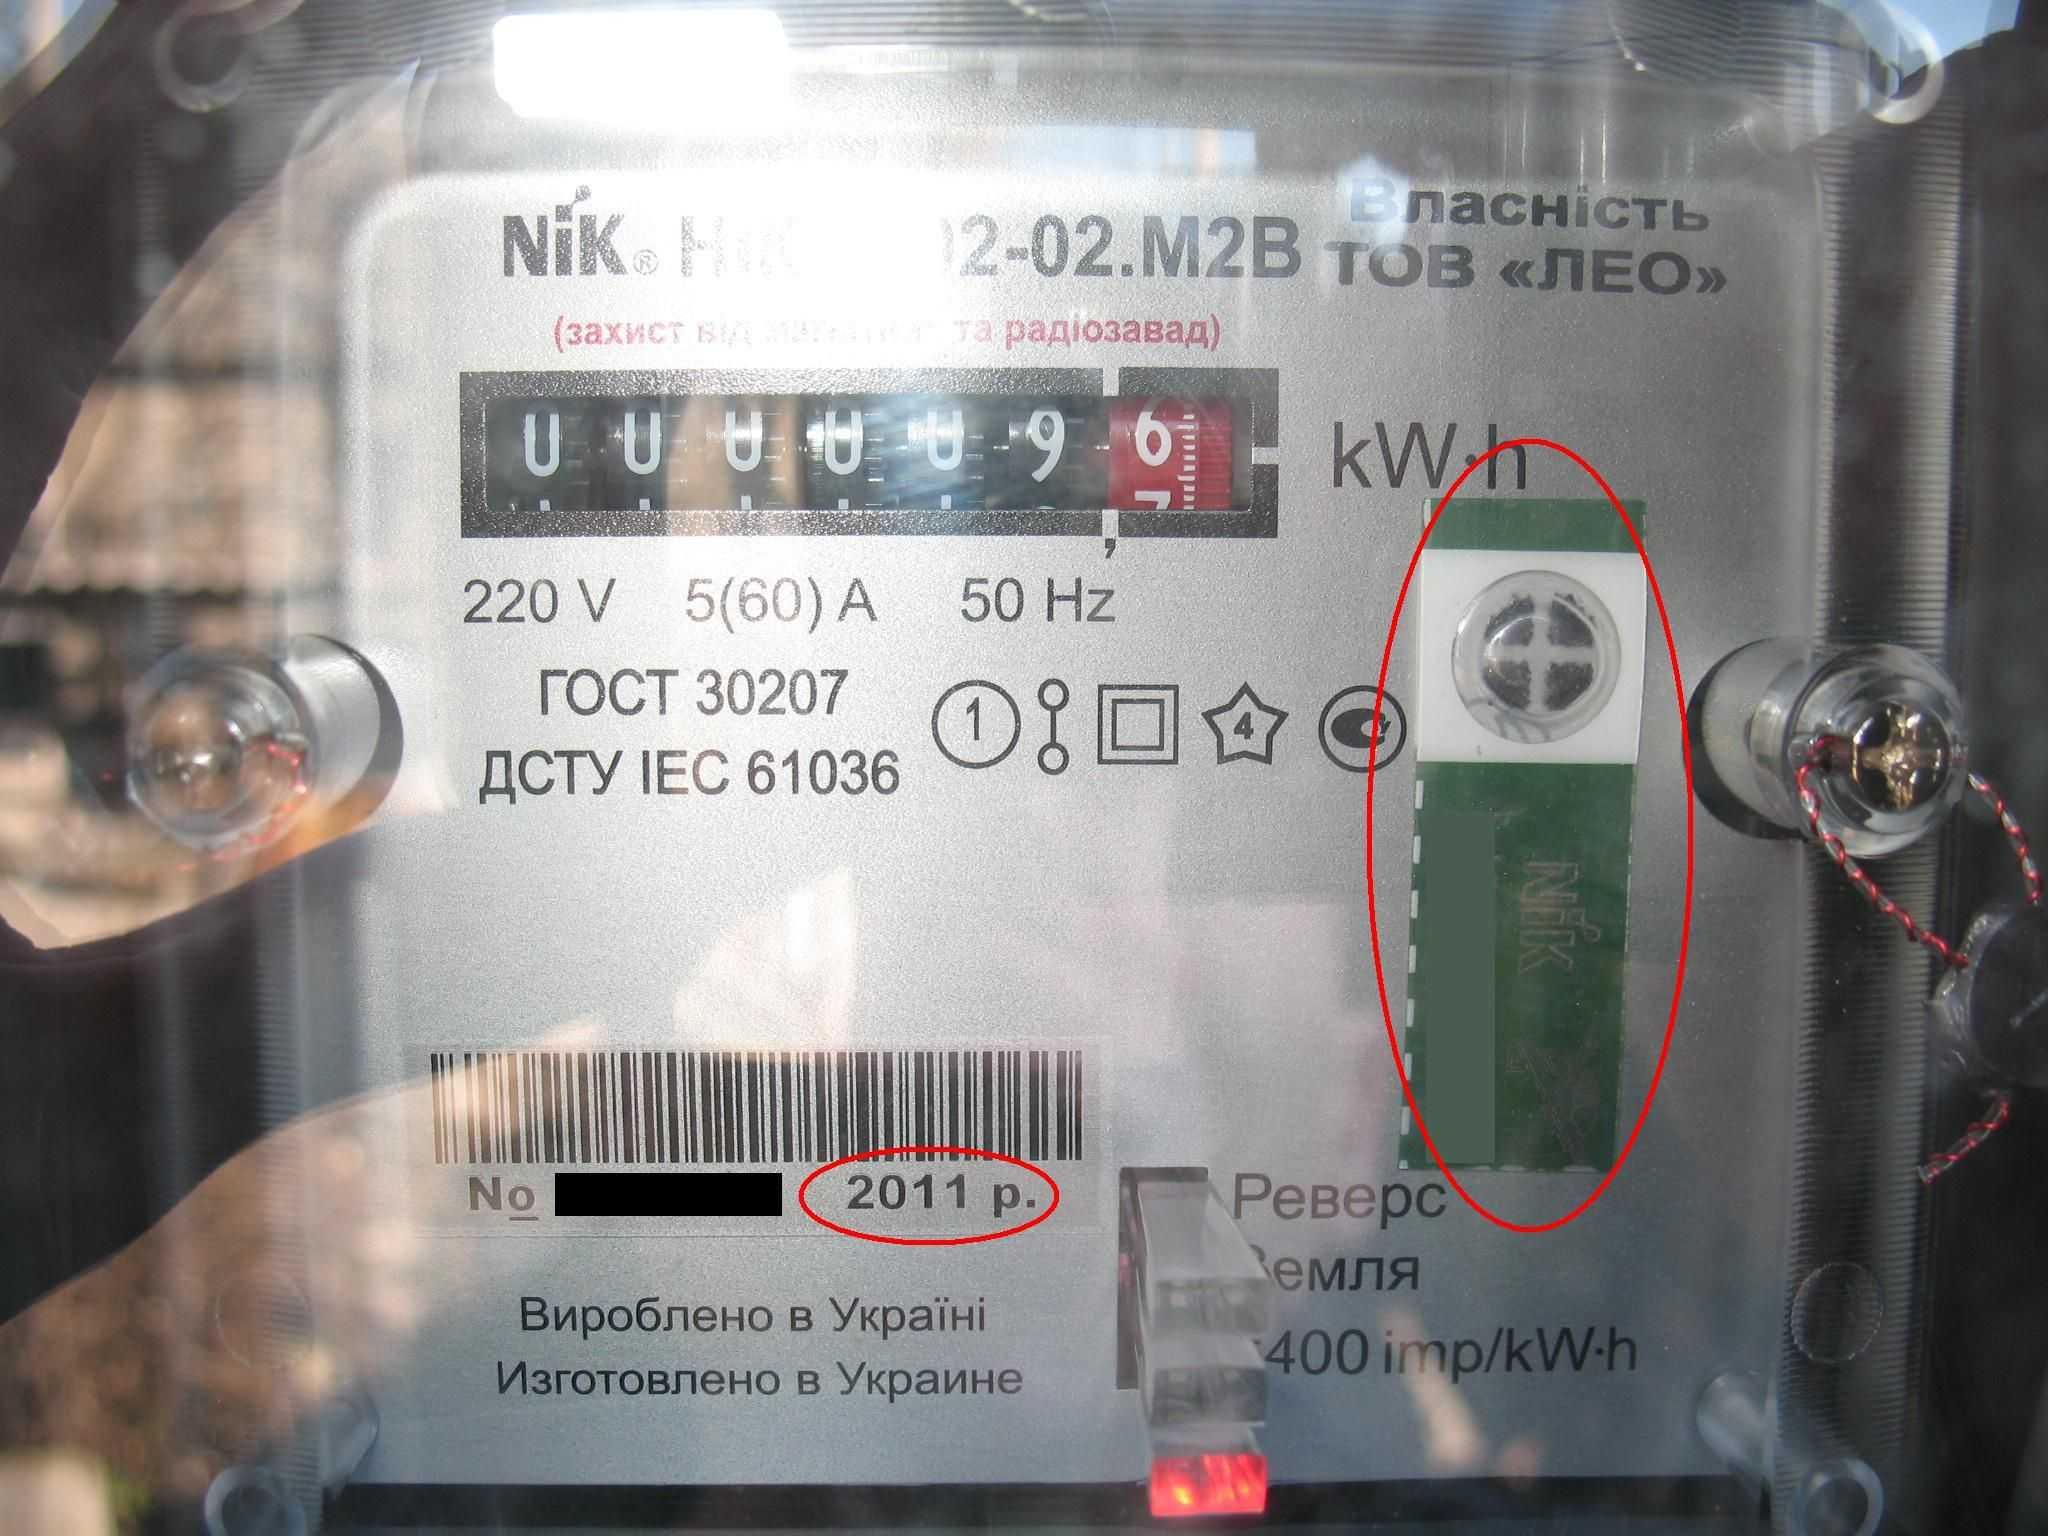 Пломбы для счетчиков электроэнергии